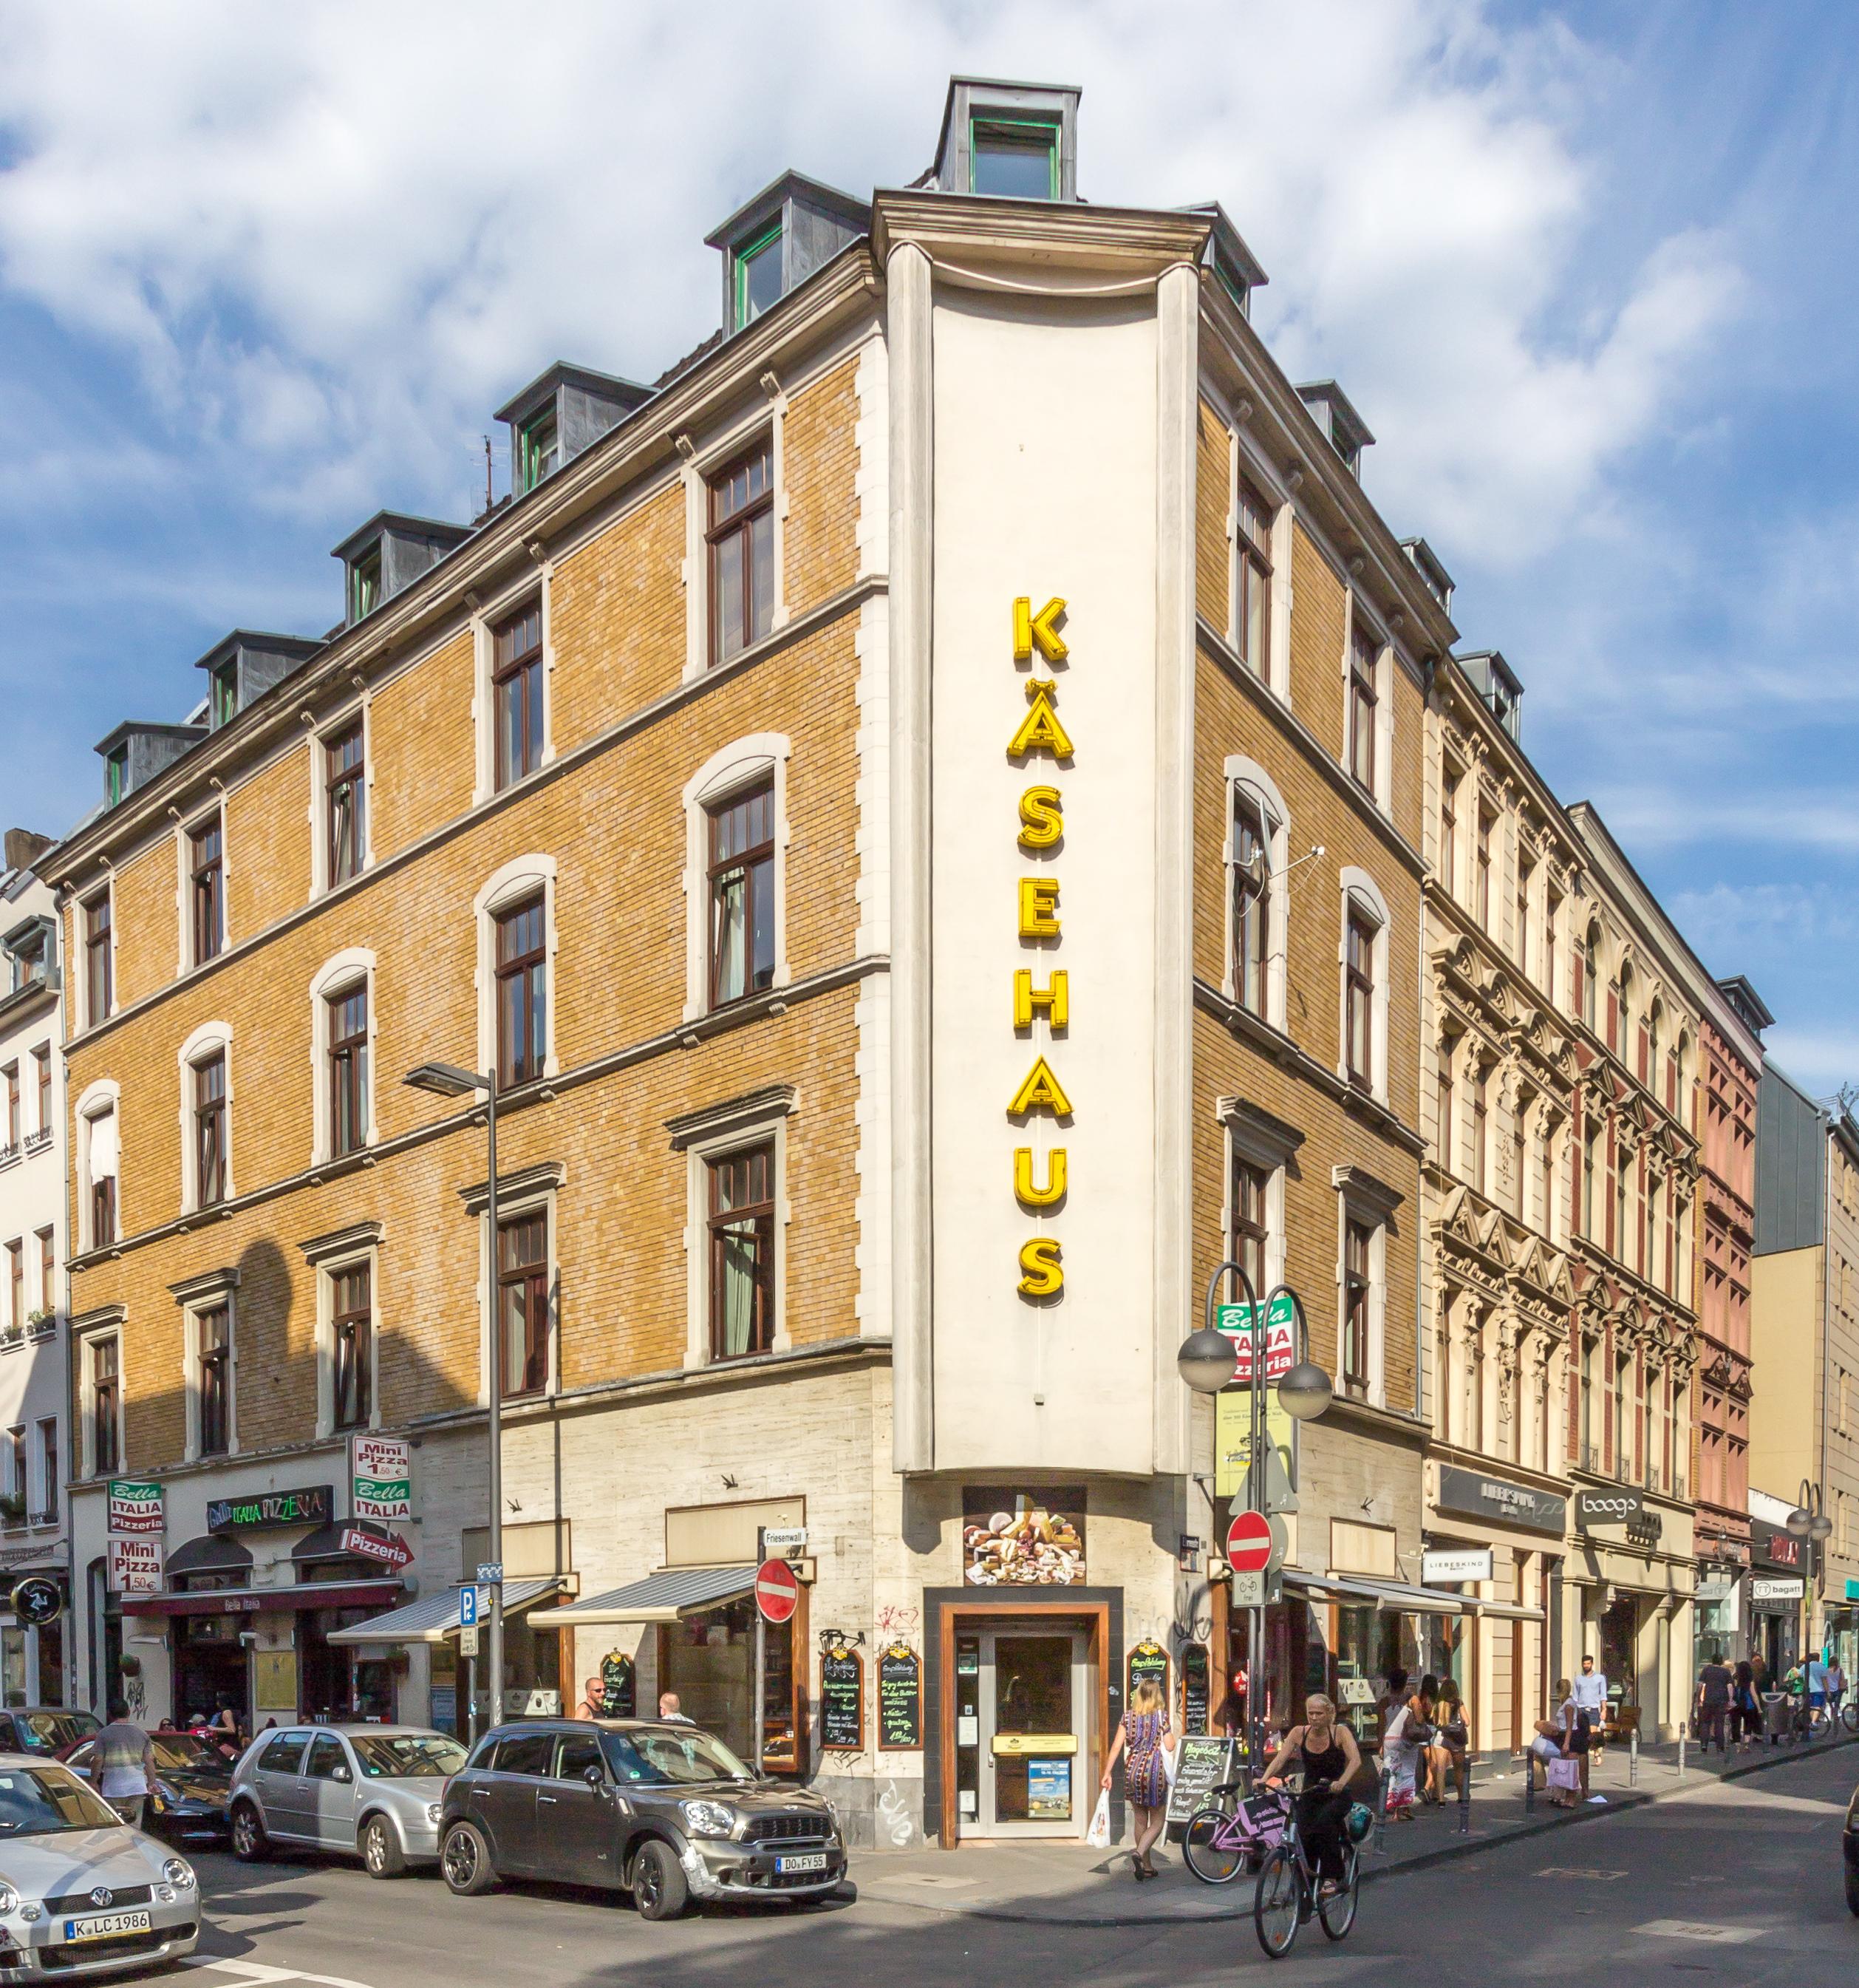 file:wohn- und geschäftshaus friesenwall 52, köln-9508